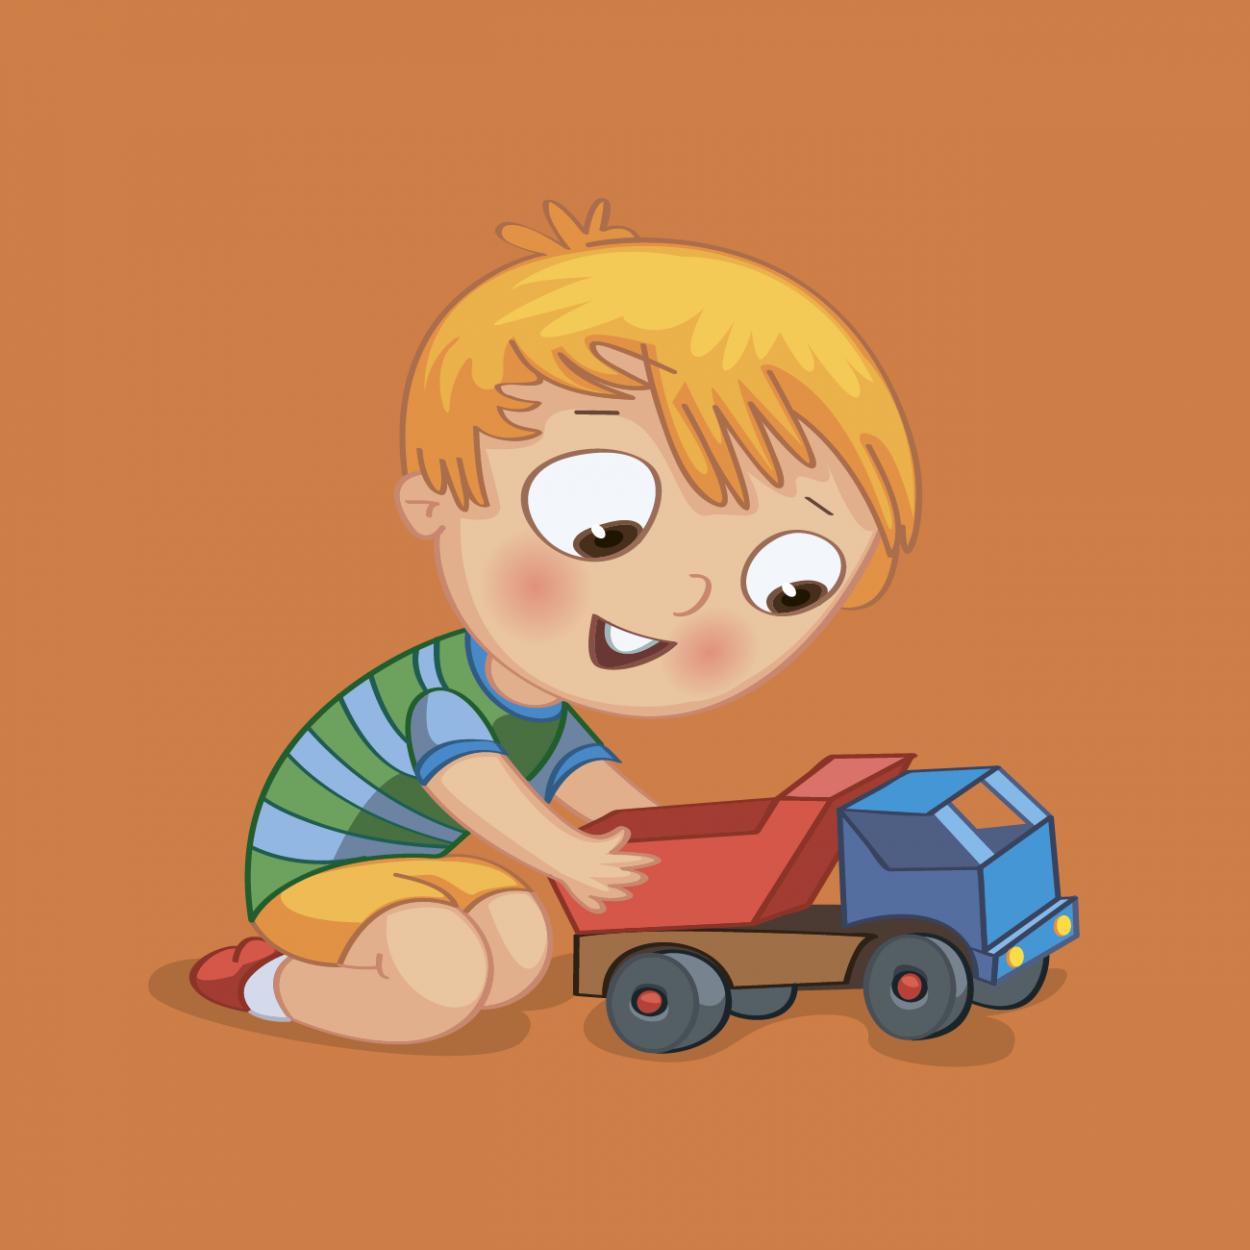 Иллюстрация к анекдоту про мальчика и летающего мужика